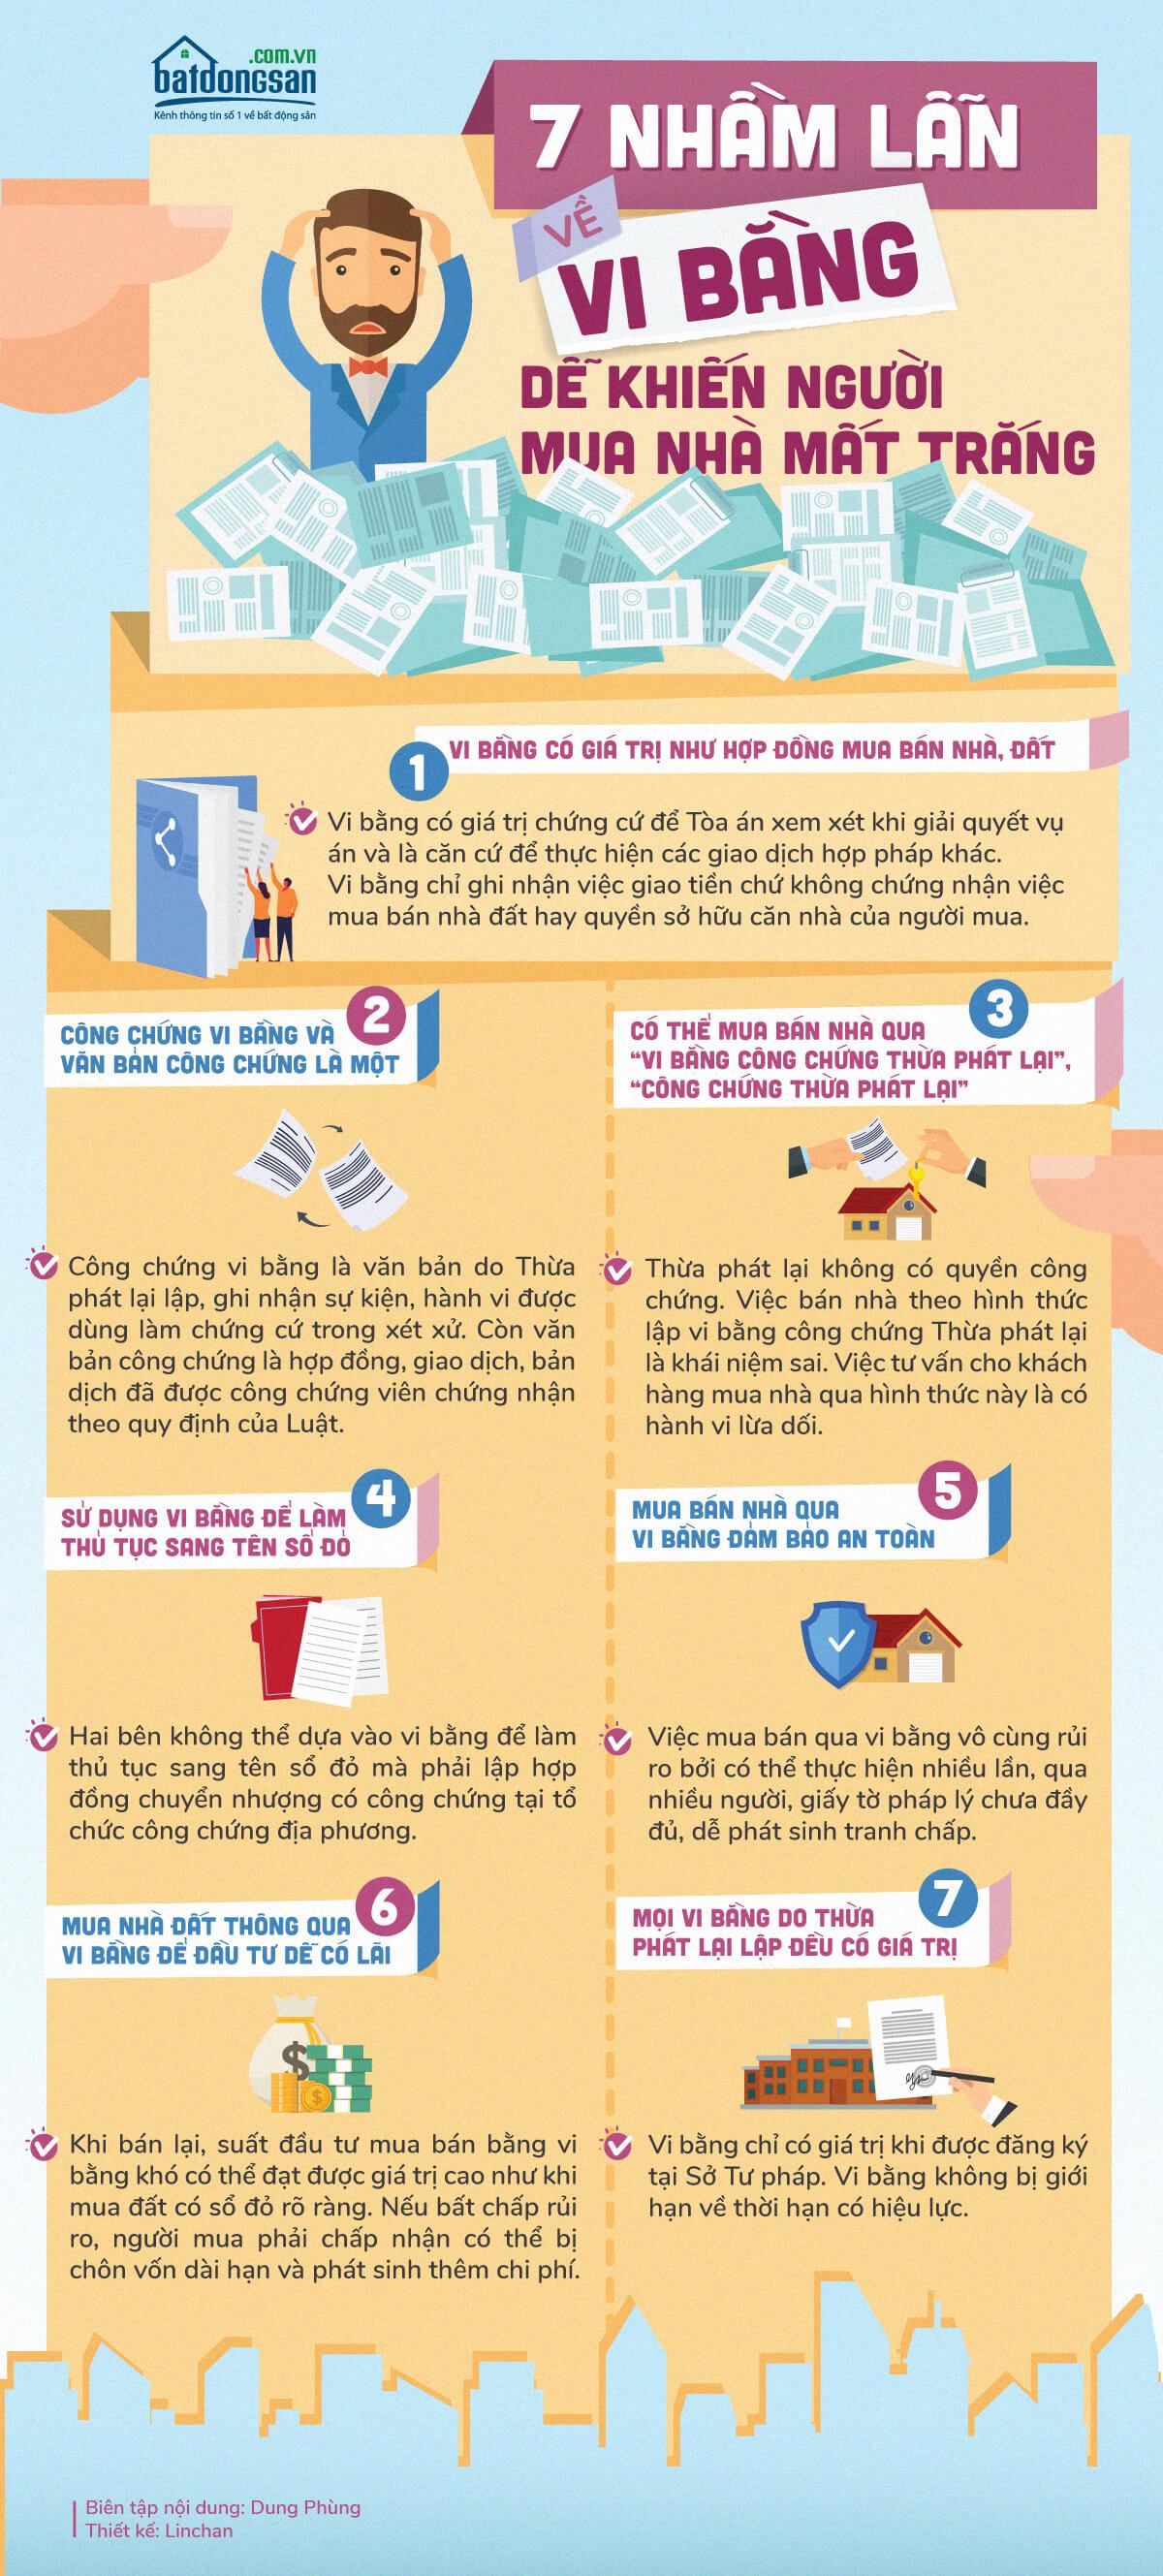 7 sai lầm thường gặp khi mua nhà qua vi bằng